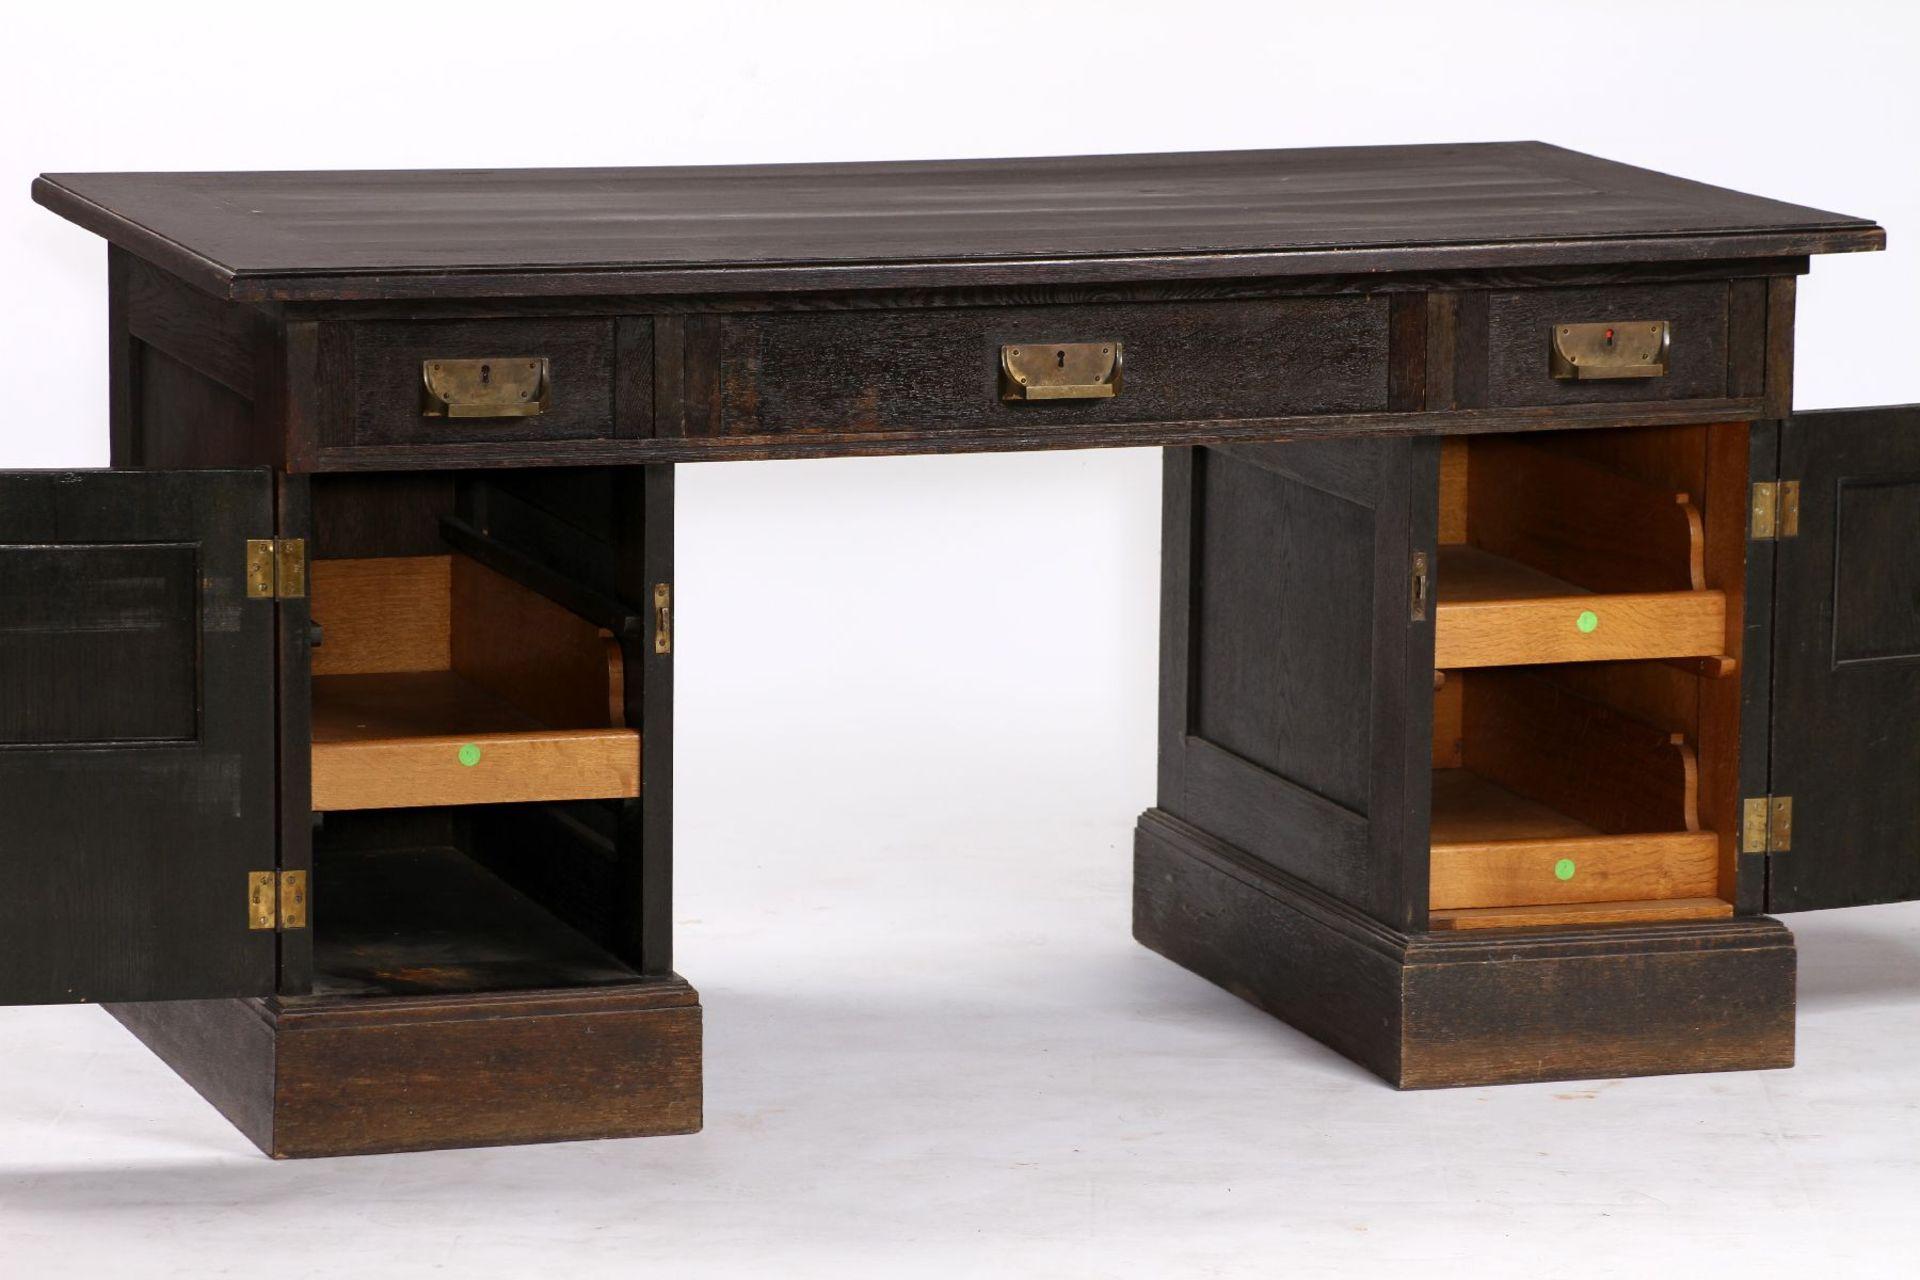 Schreibtisch, im Jugendstil von 1905, großer Einfluss von - Image 2 of 2